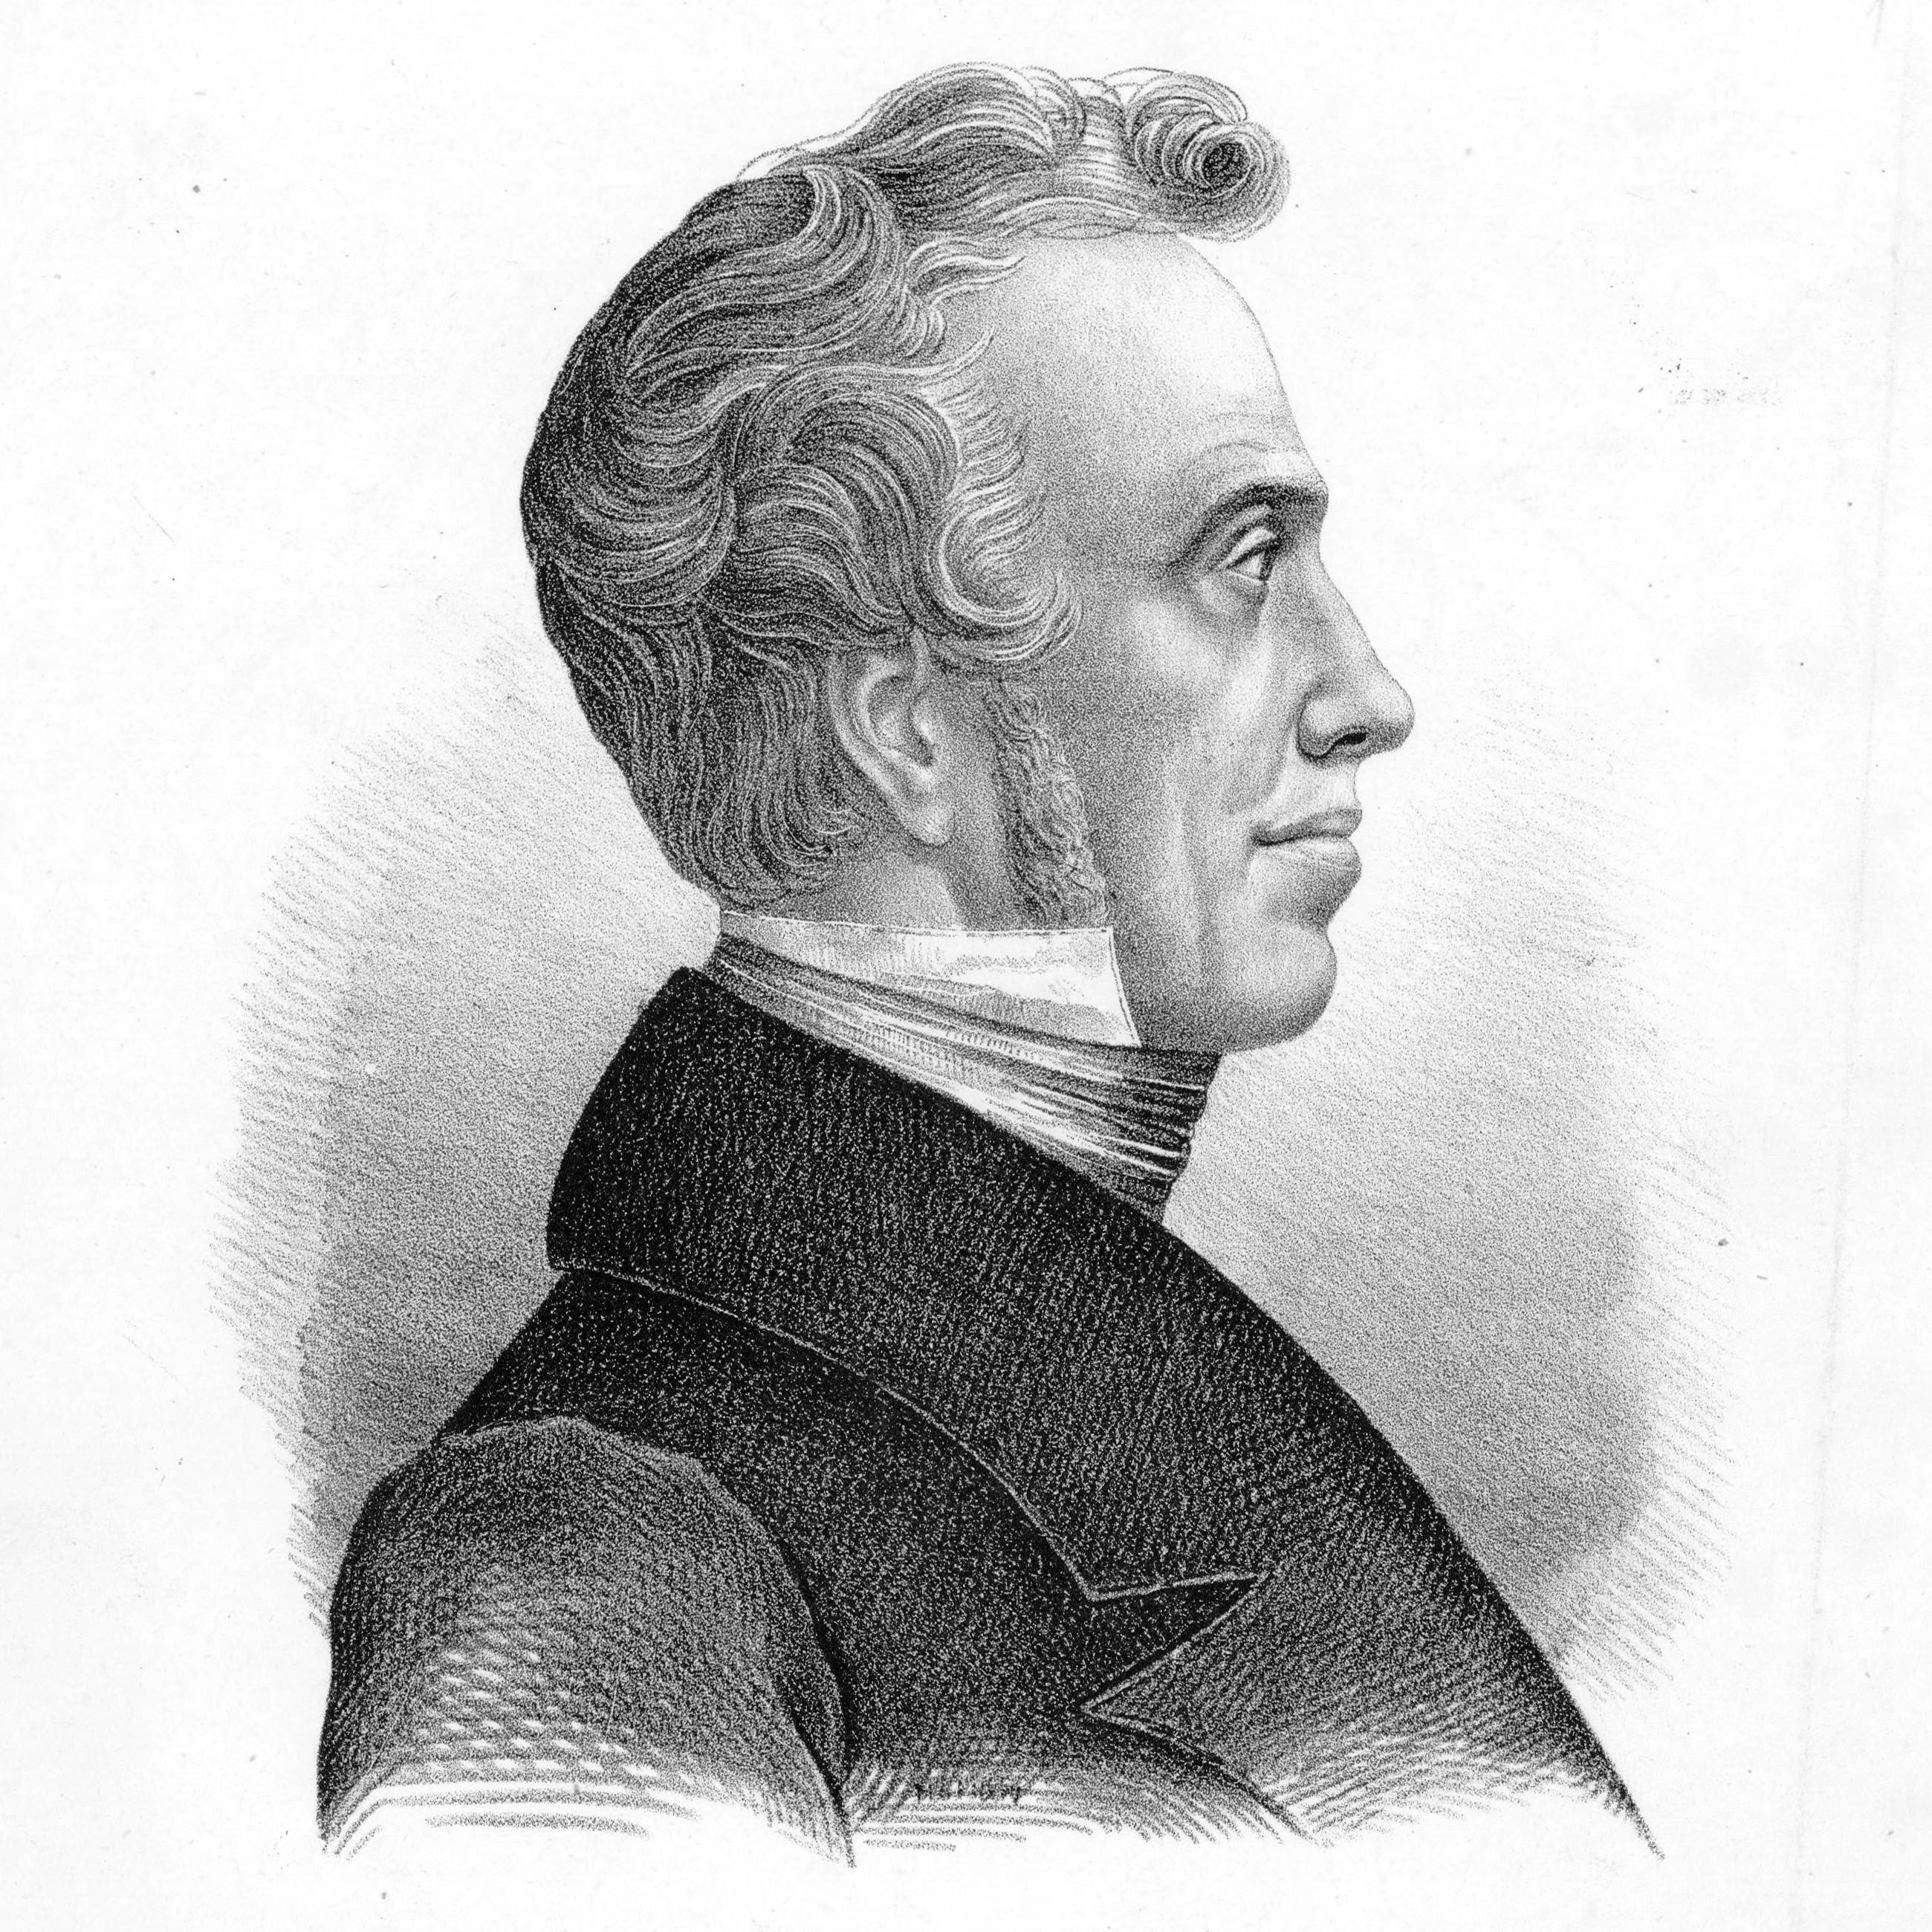 Sigismund von Neukomm